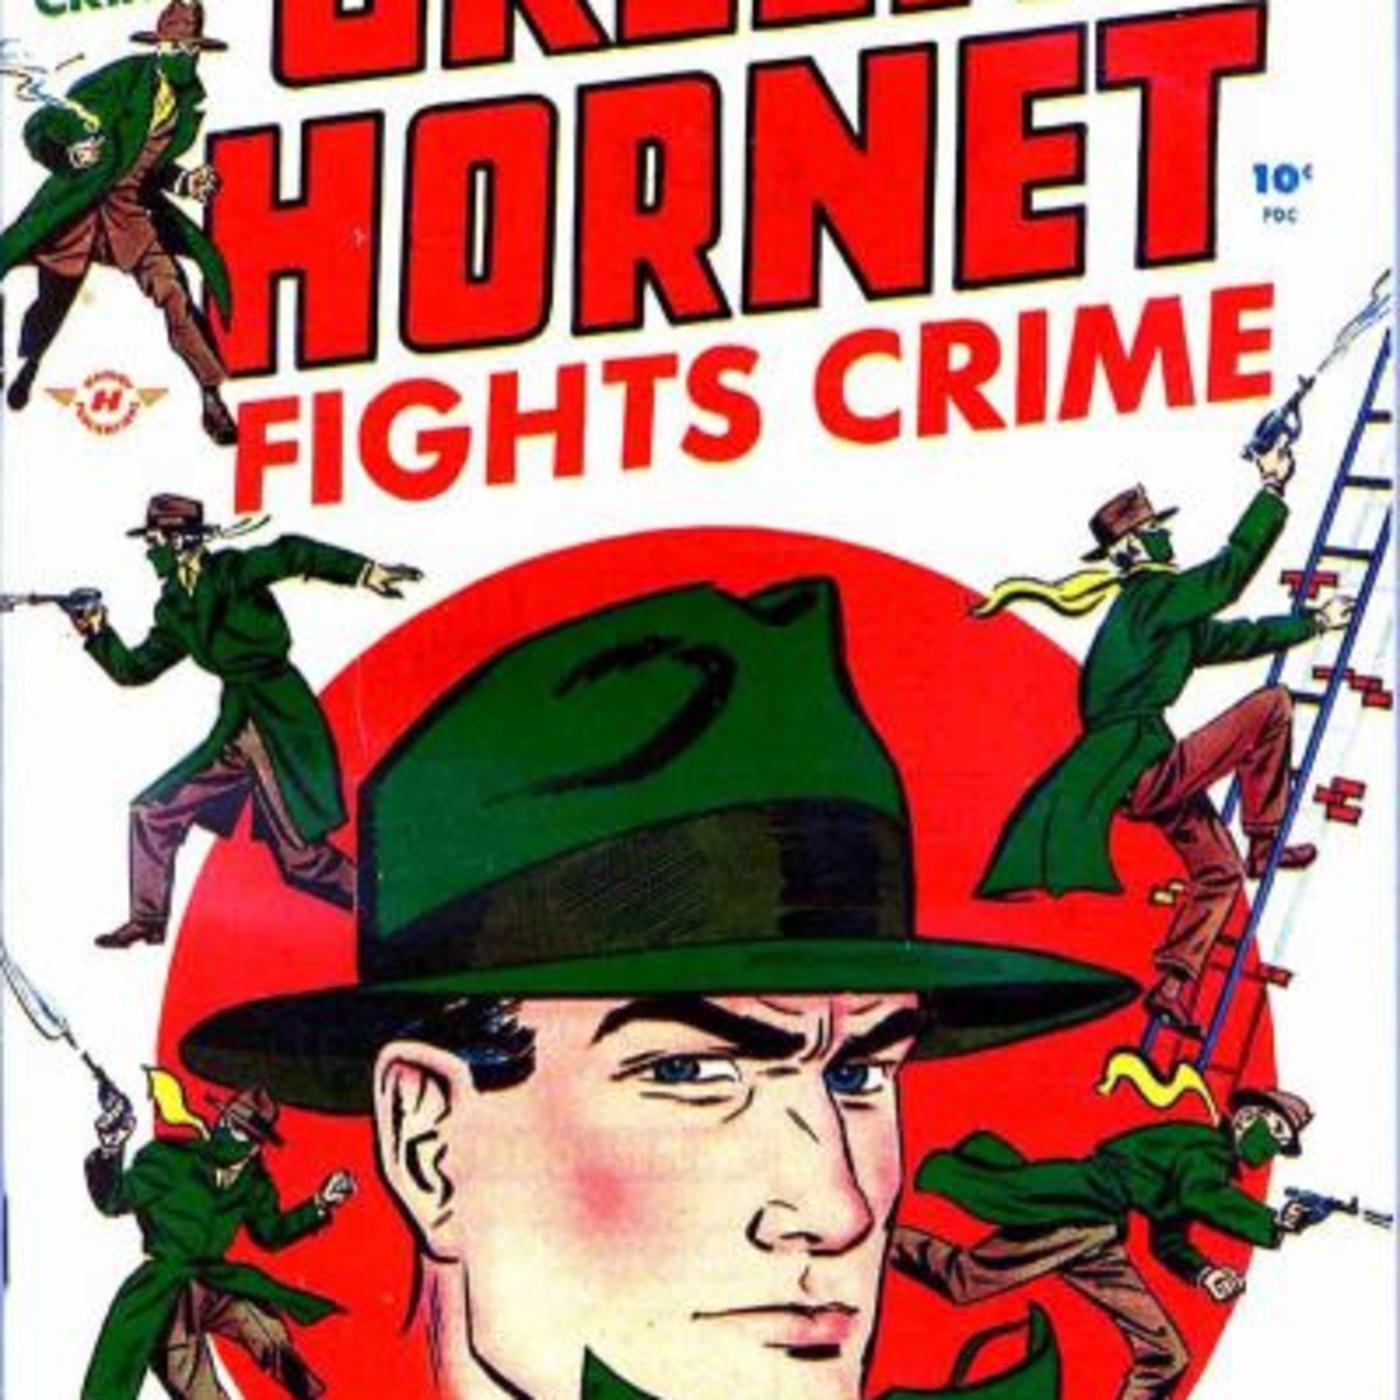 The Green Hornet - 00 - 451220WhenMoneyTalks